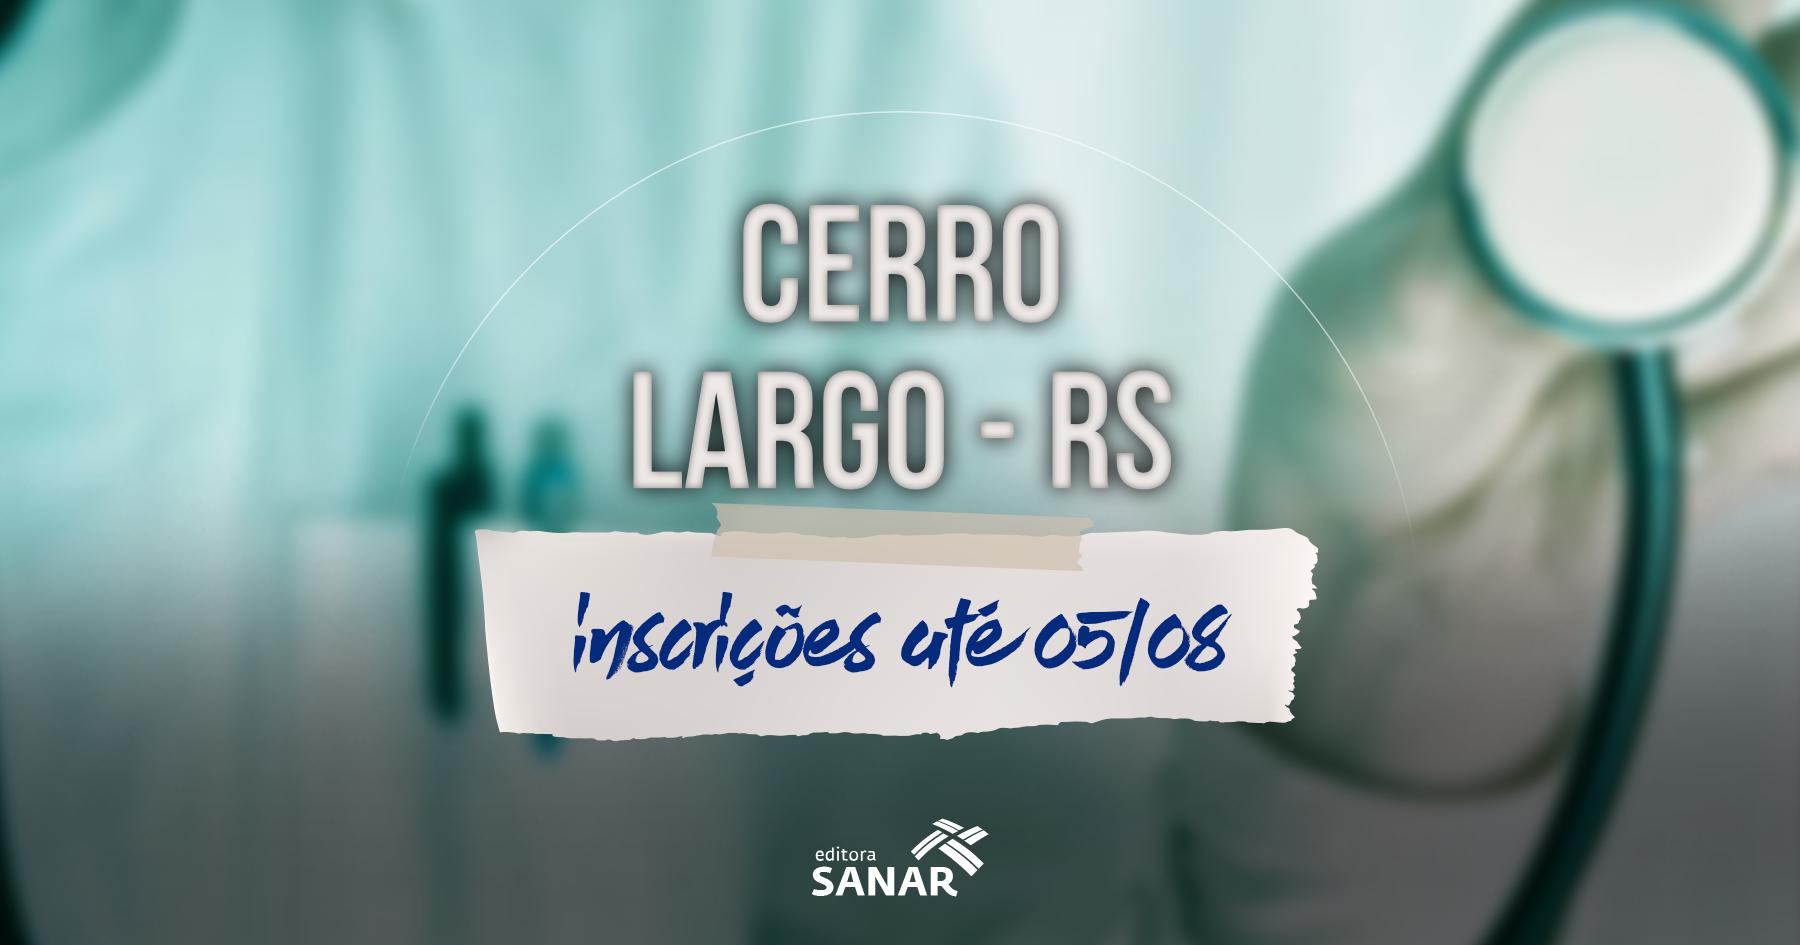 Concurso | Cerro Largo (RS) tem vaga para médicos